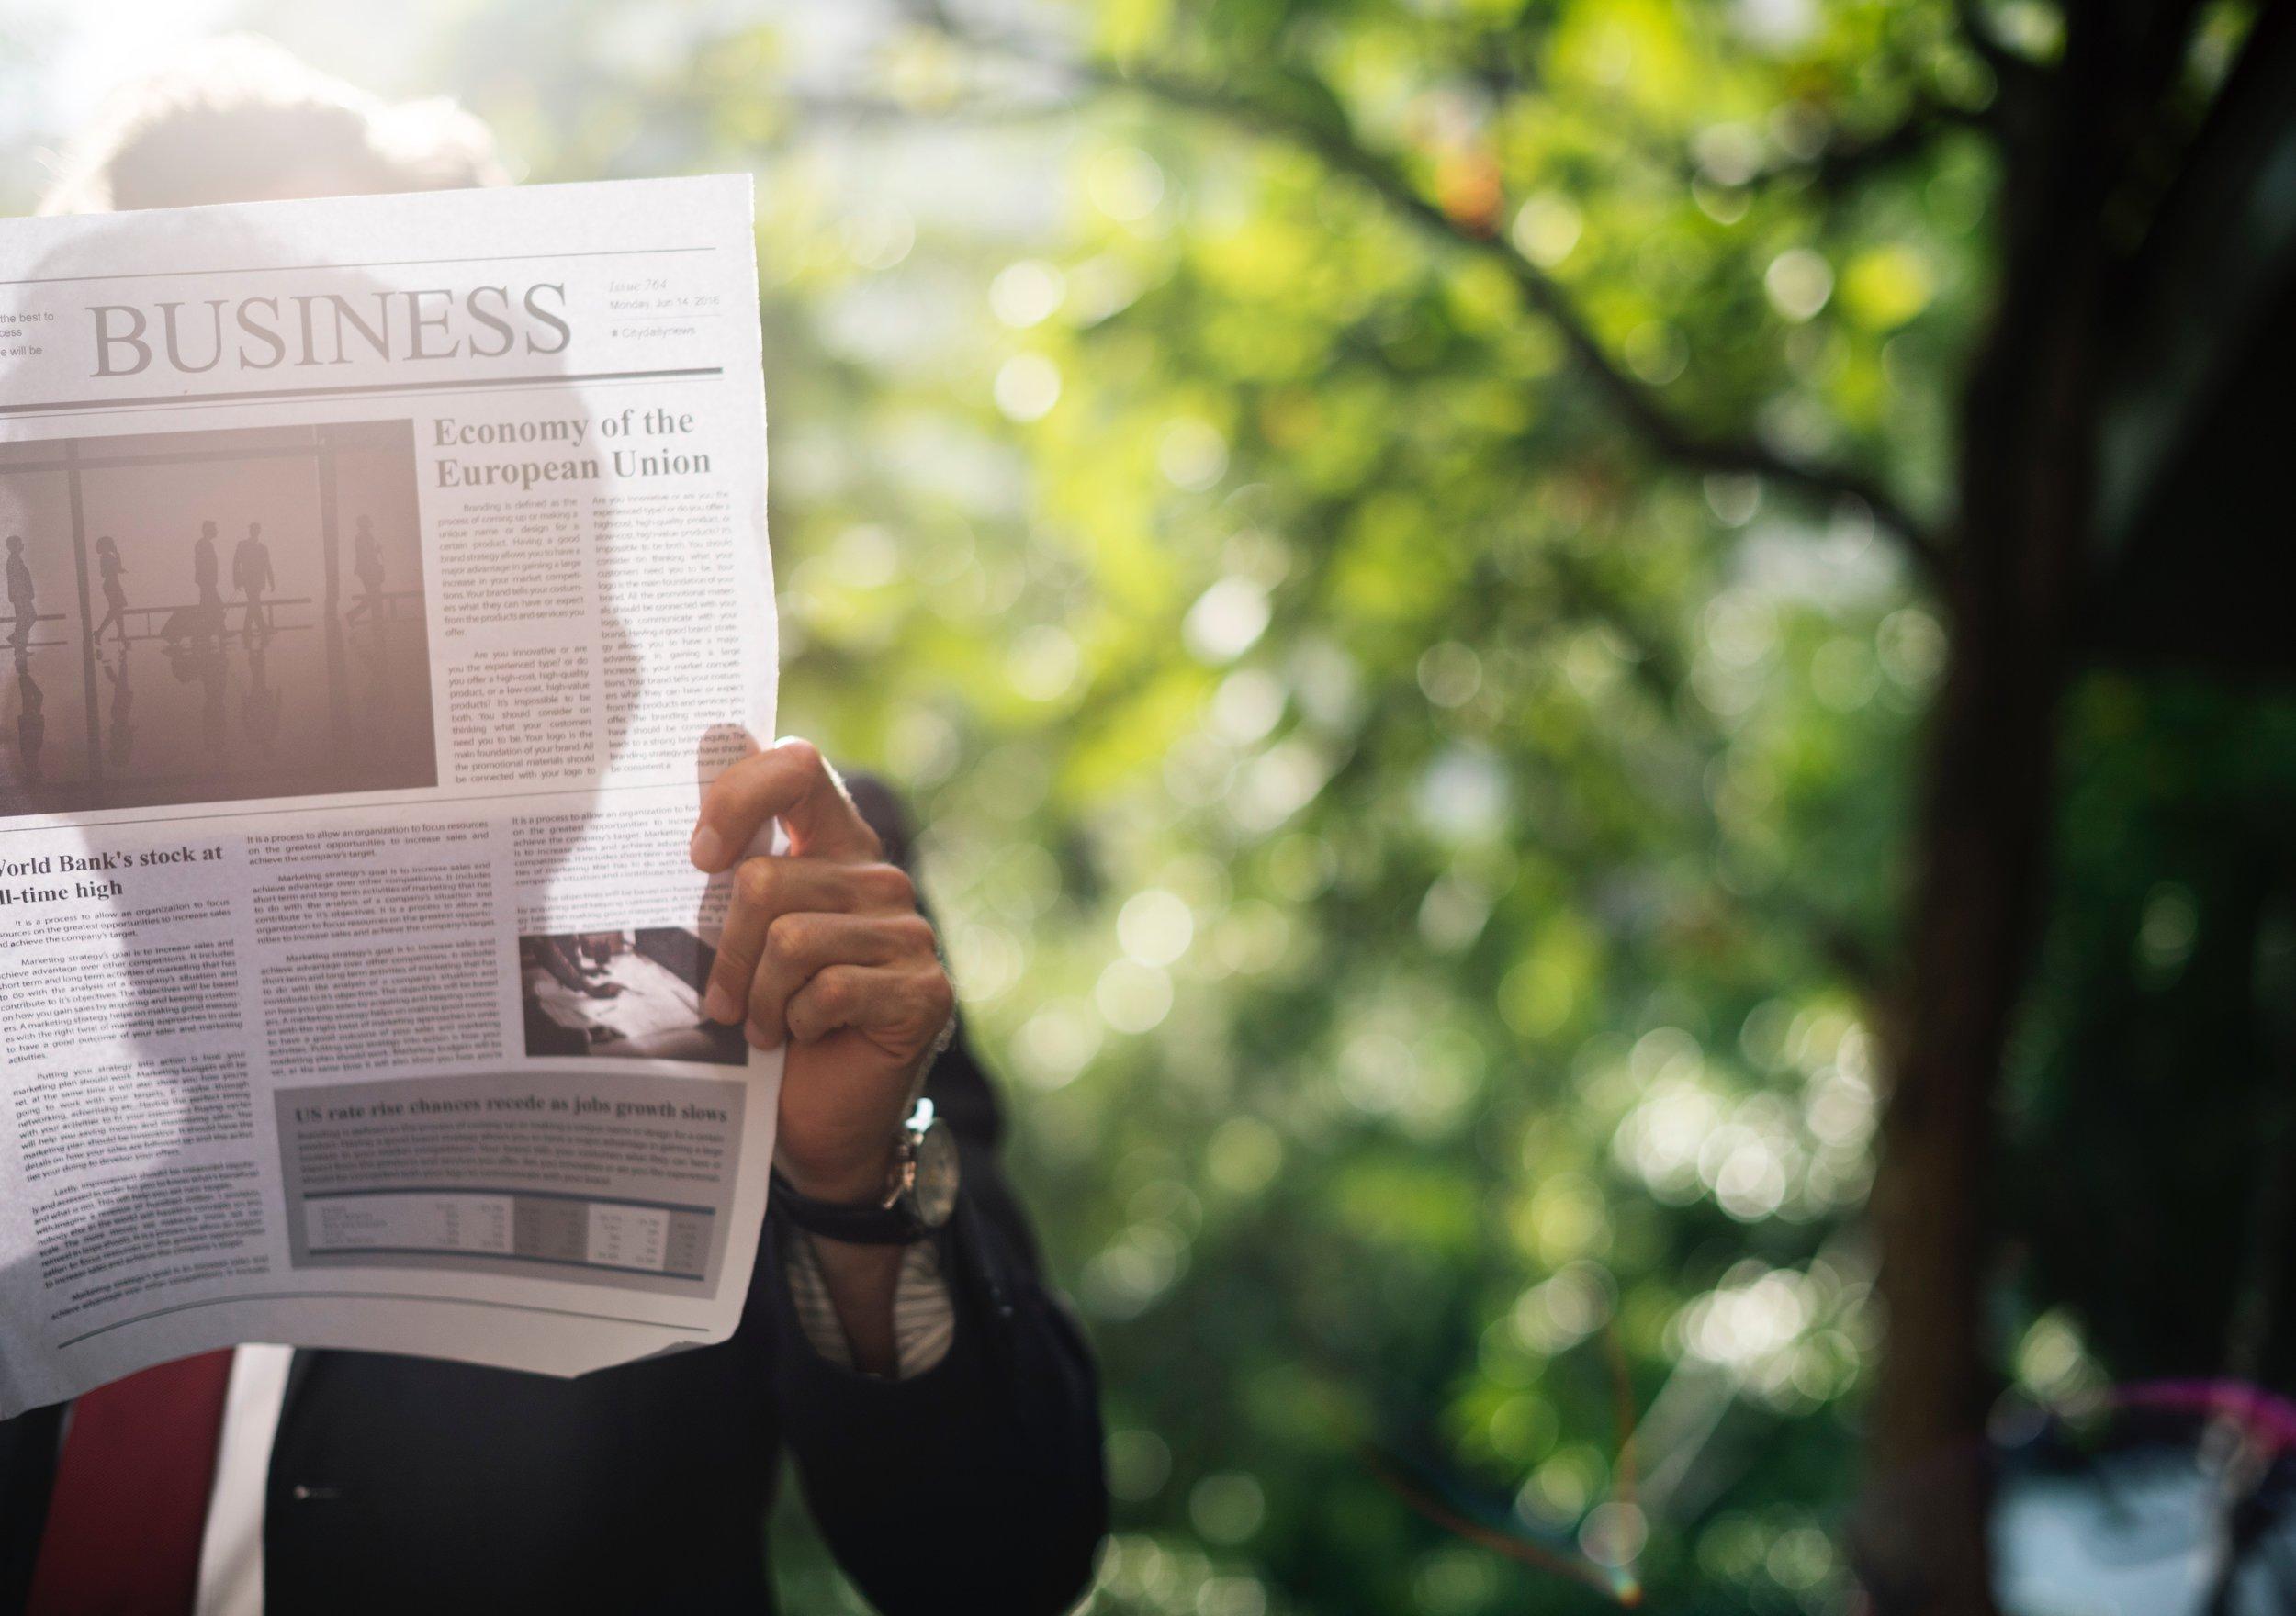 Artikler - Er du interesseret i de nyeste trends indenfor eksekvering? Se de artikler, vores konsulenter skriver og deler her på siden.